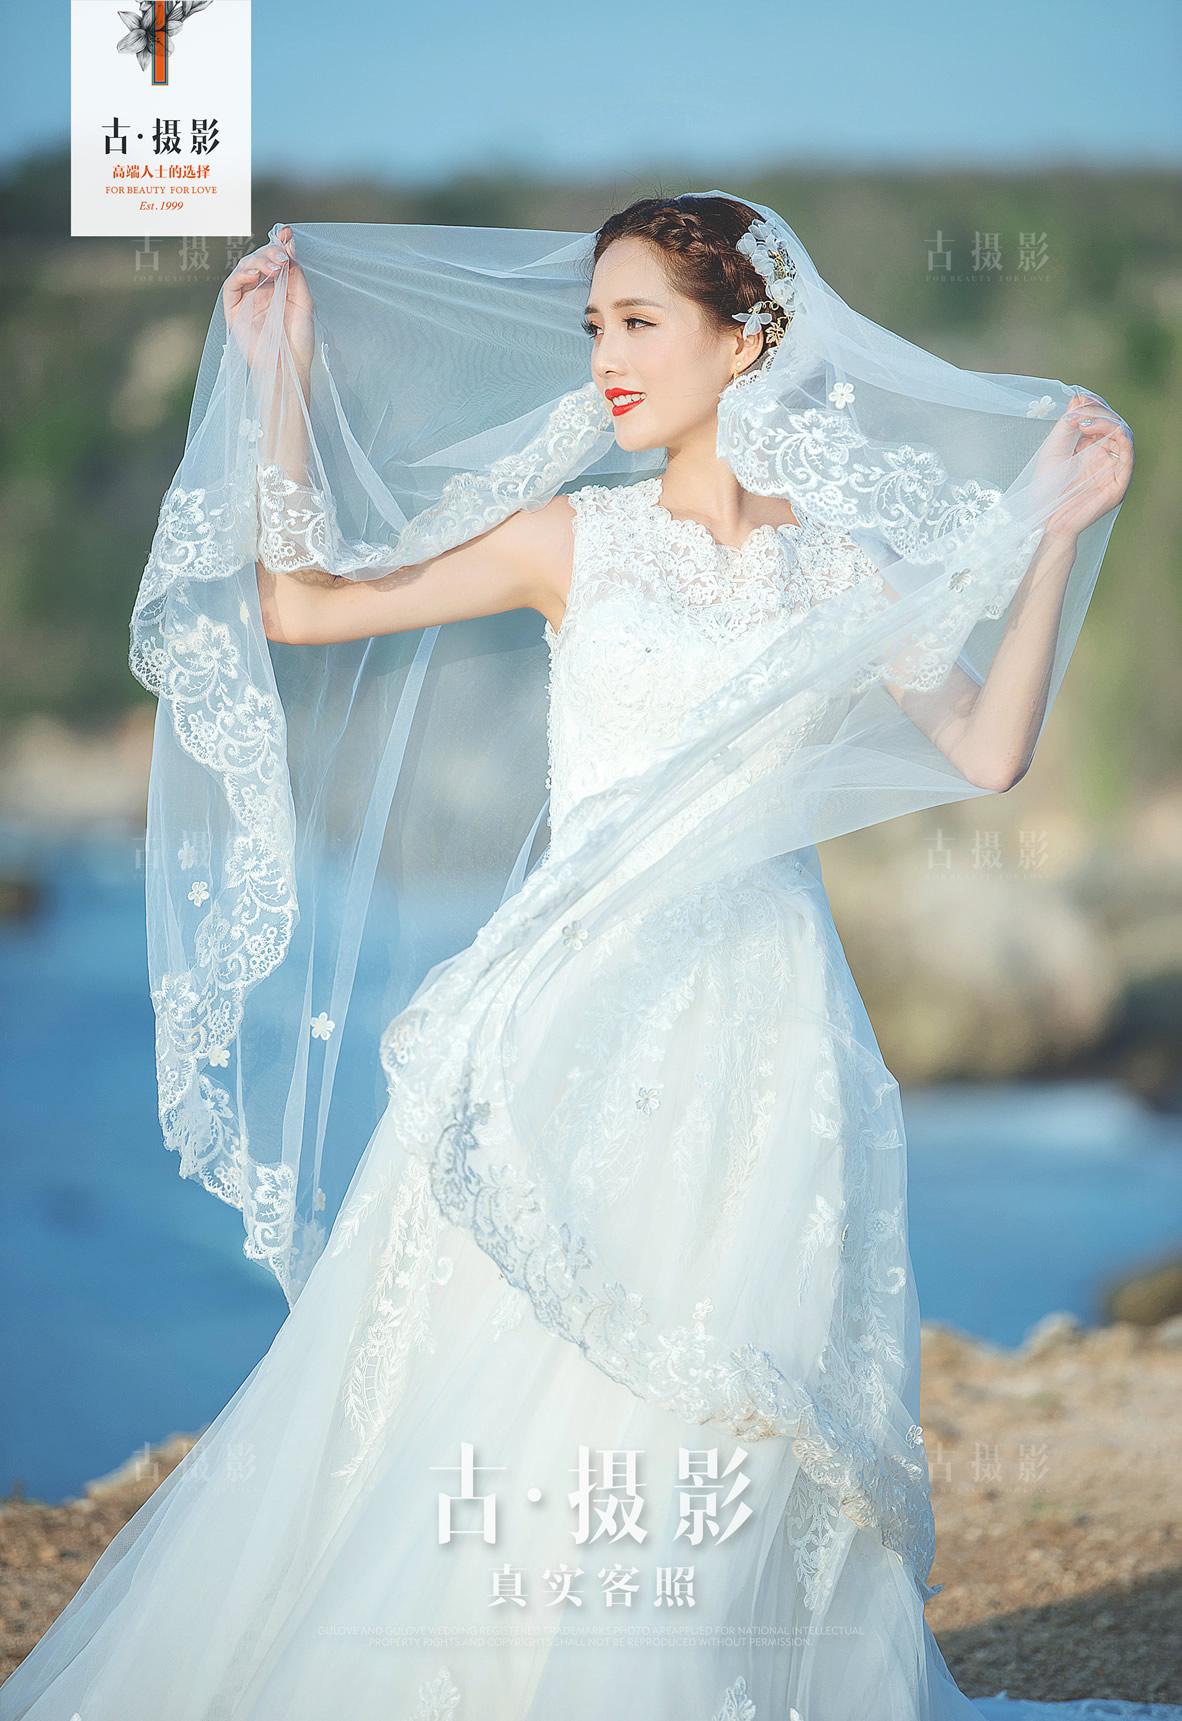 2月15日客片惠先生 陈小姐 - 每日客照 - 广州婚纱摄影-广州古摄影官网